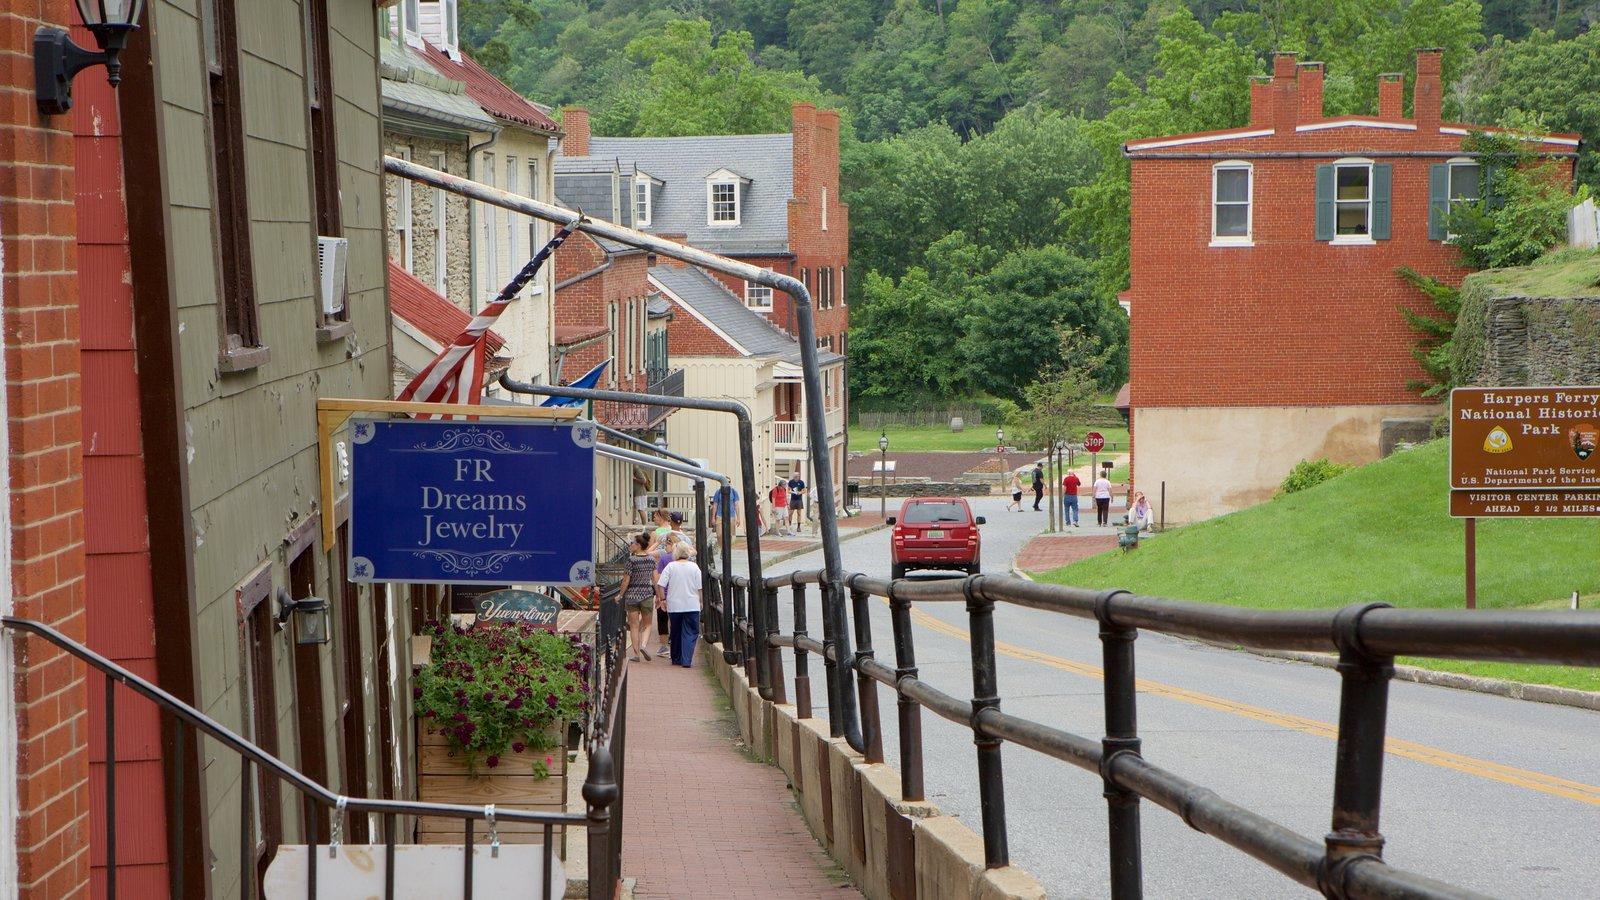 Parque Histórico Nacional de Harpers Ferry ofreciendo escenas urbanas, señalización y una pequeña ciudad o pueblo